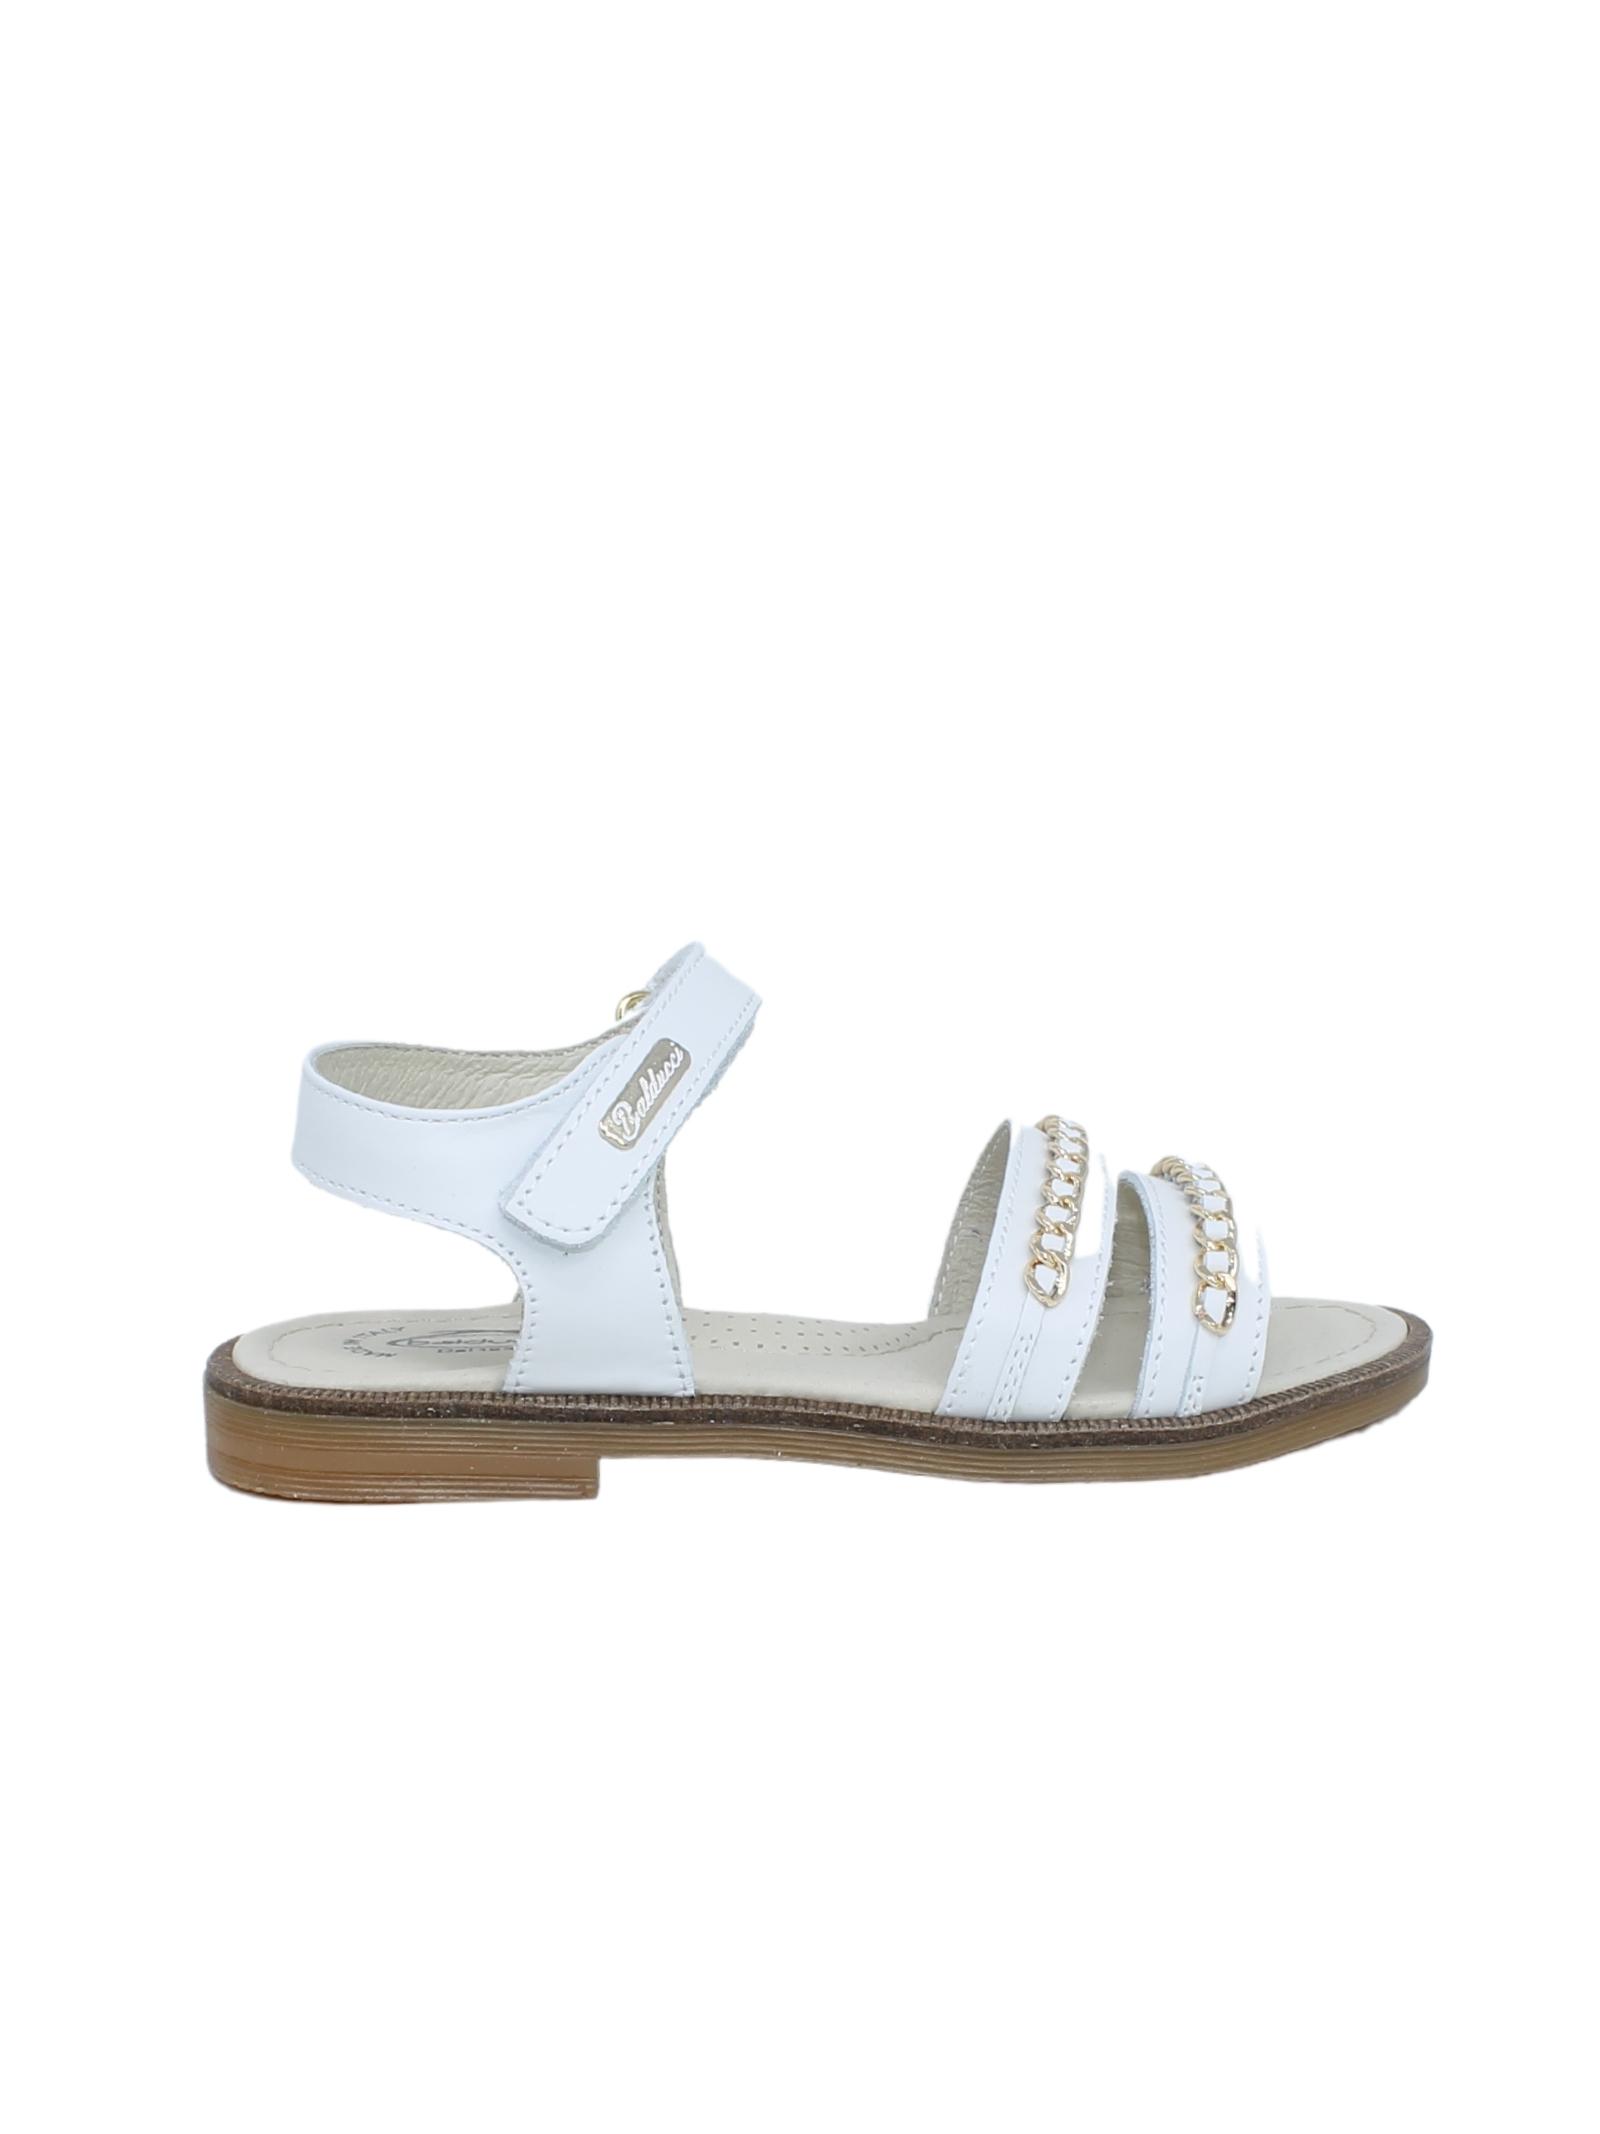 BALDUCCI | Sandals | GULL1700B14450